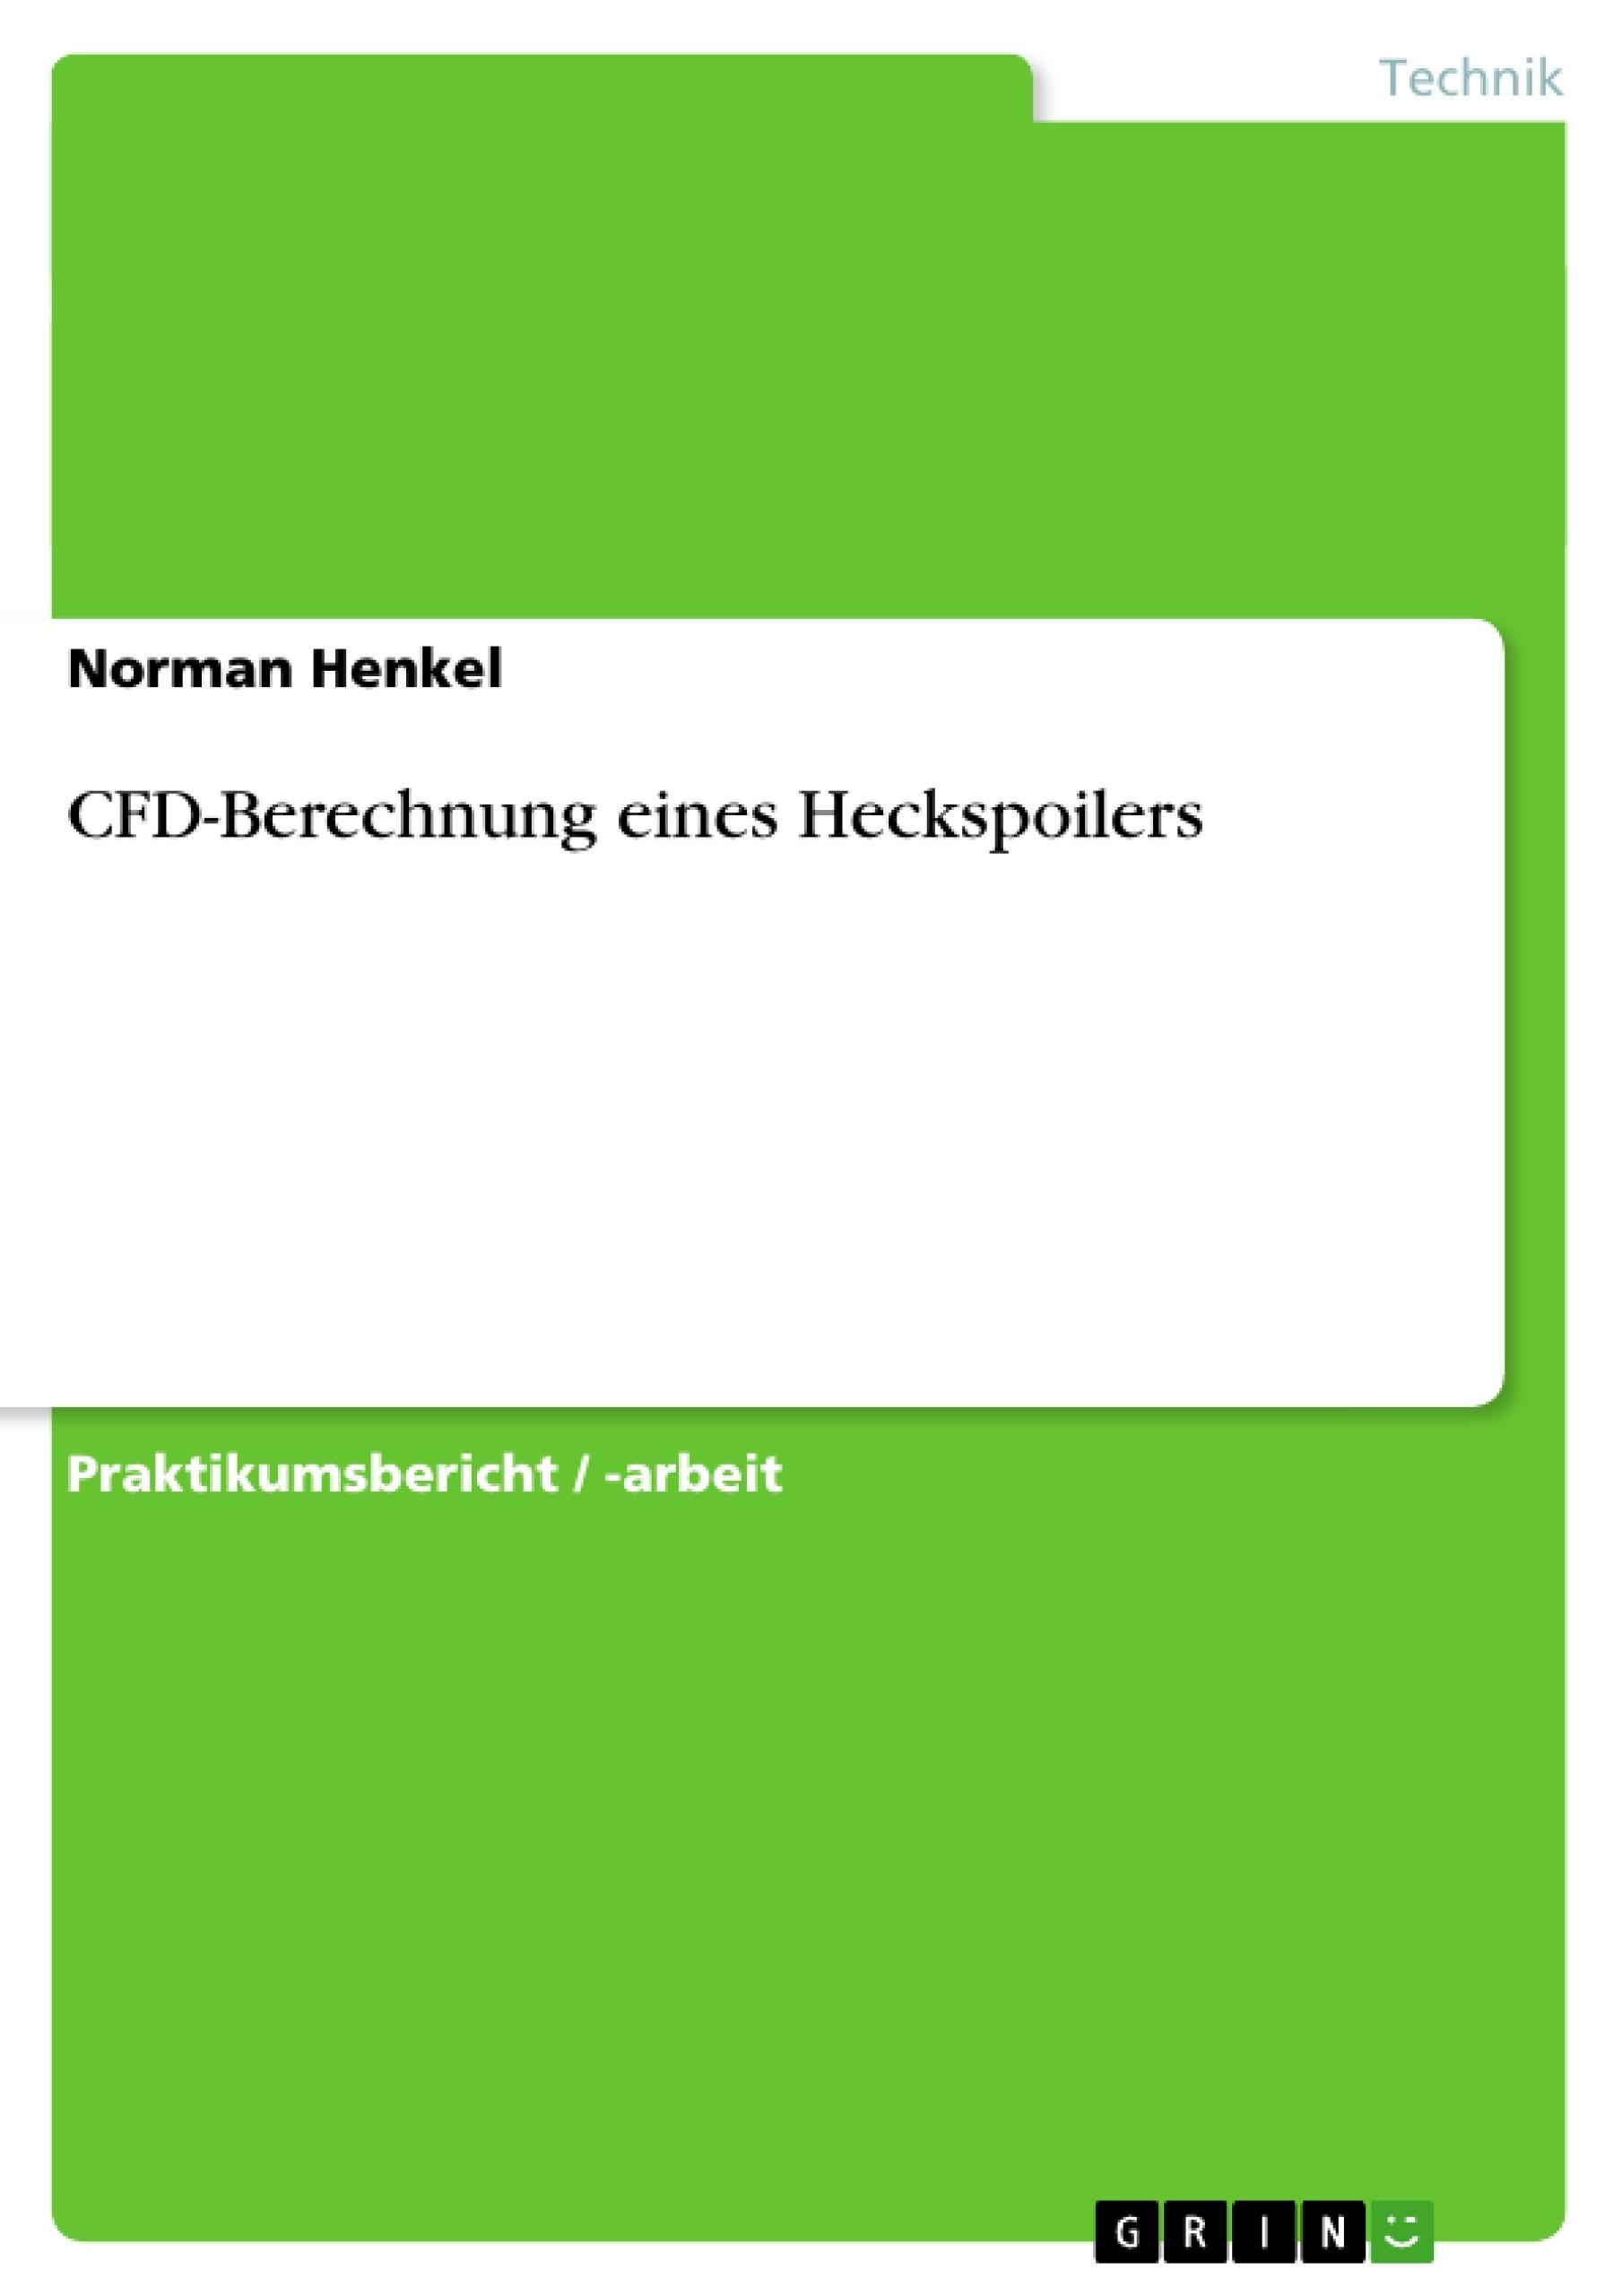 Titel: CFD-Berechnung eines Heckspoilers